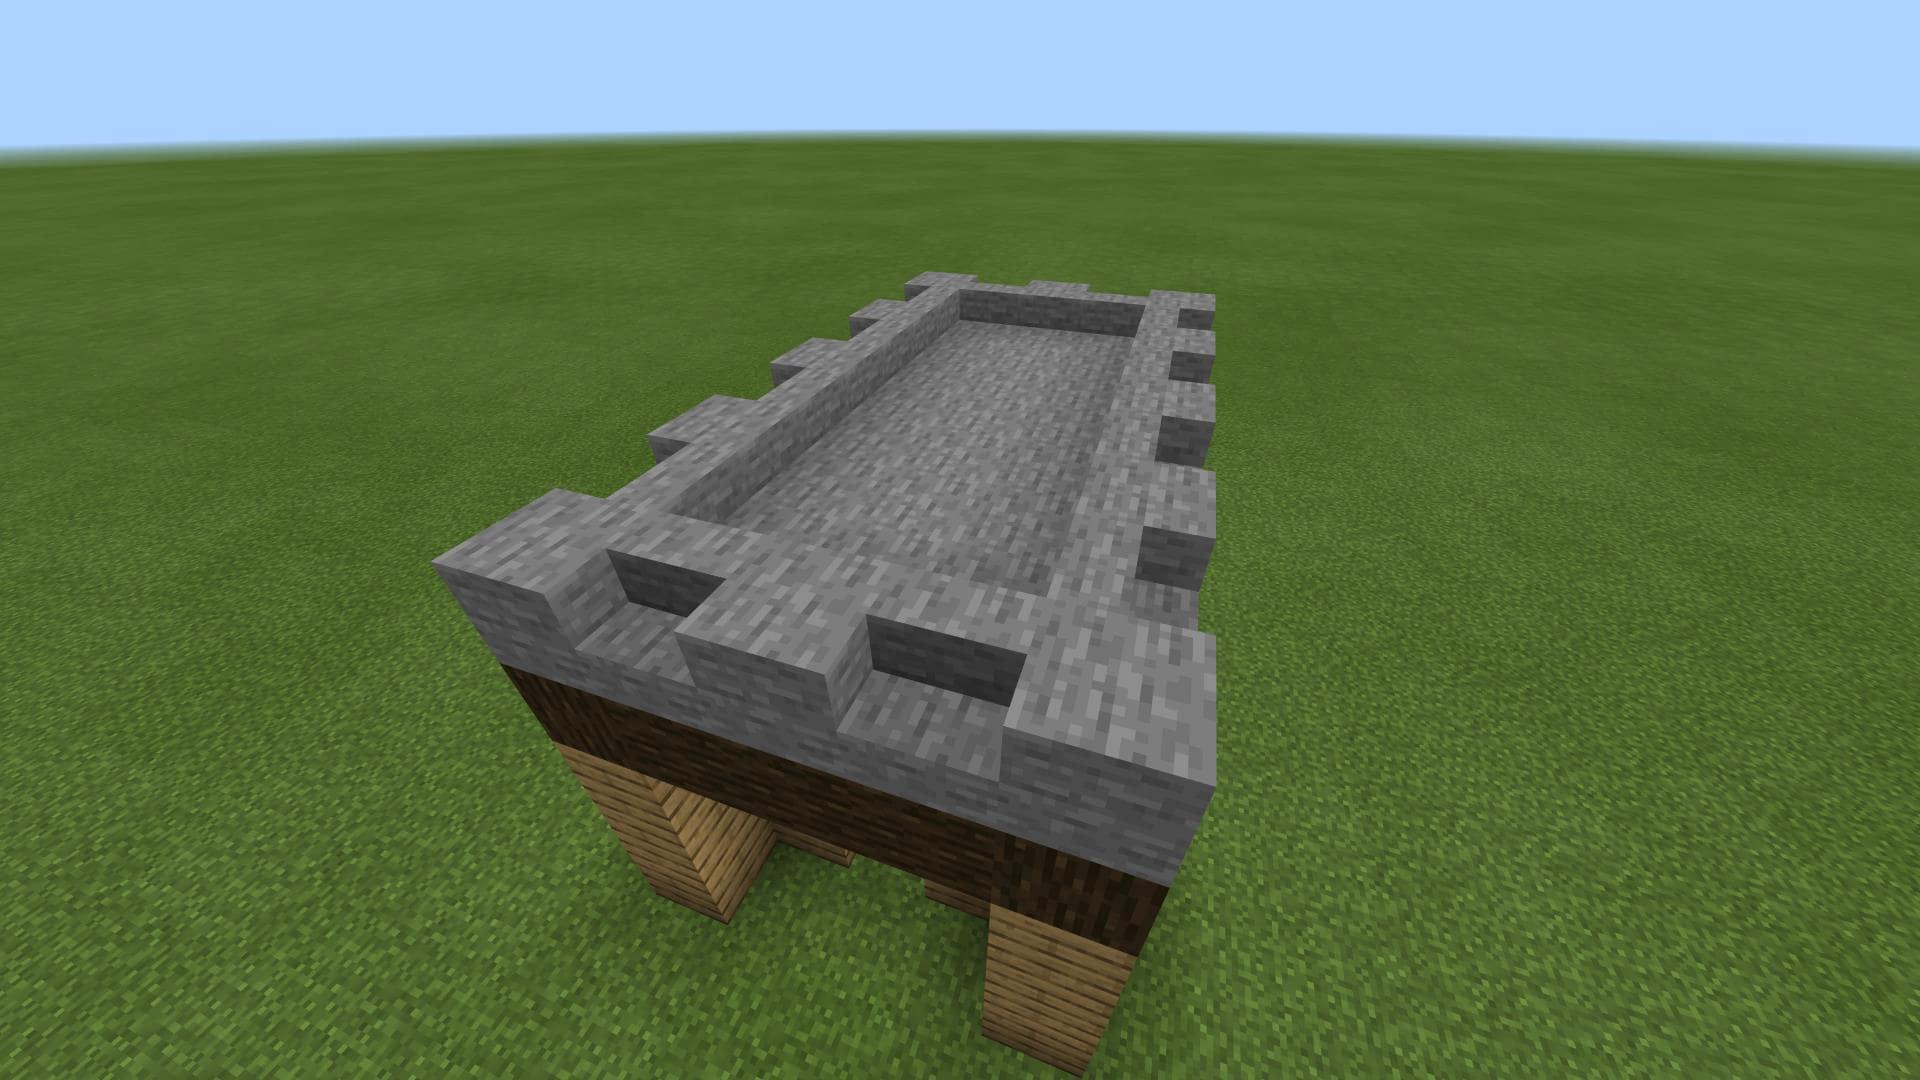 マインクラフト かんたん豆腐建築の作り方!初心者でも作りやすい家